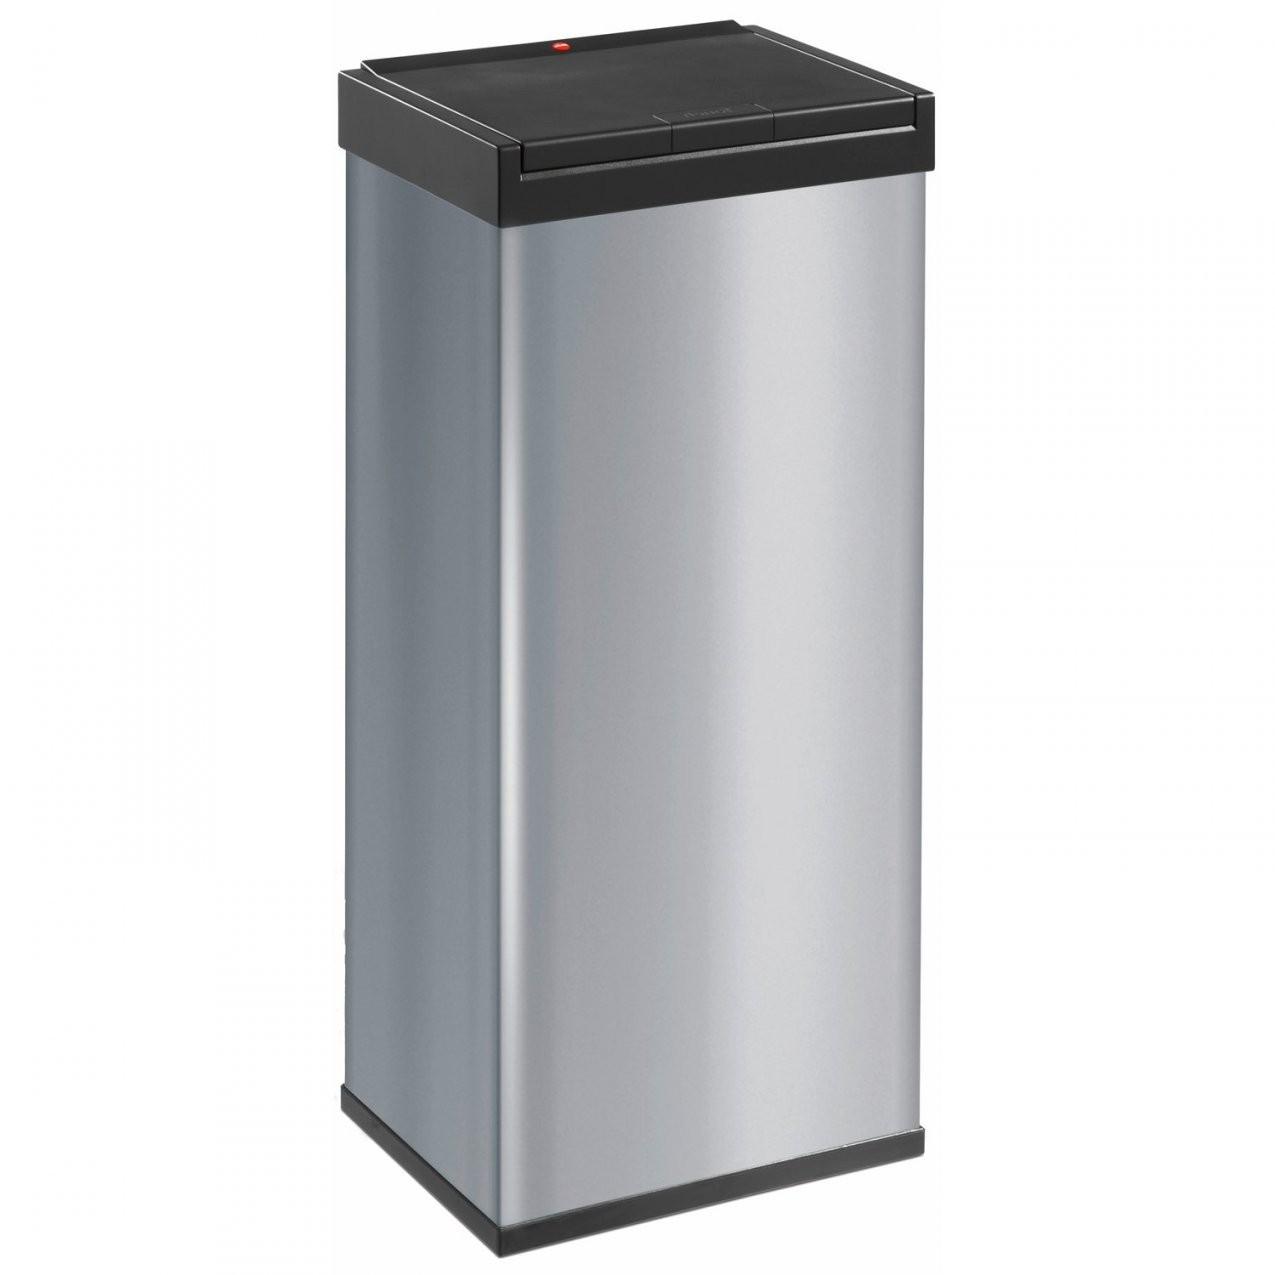 Hailo Großraummülleimer Bigbox Touch 60 L Silber Kaufen Bei Obi von Abfalleimer Küche 60 Liter Bild